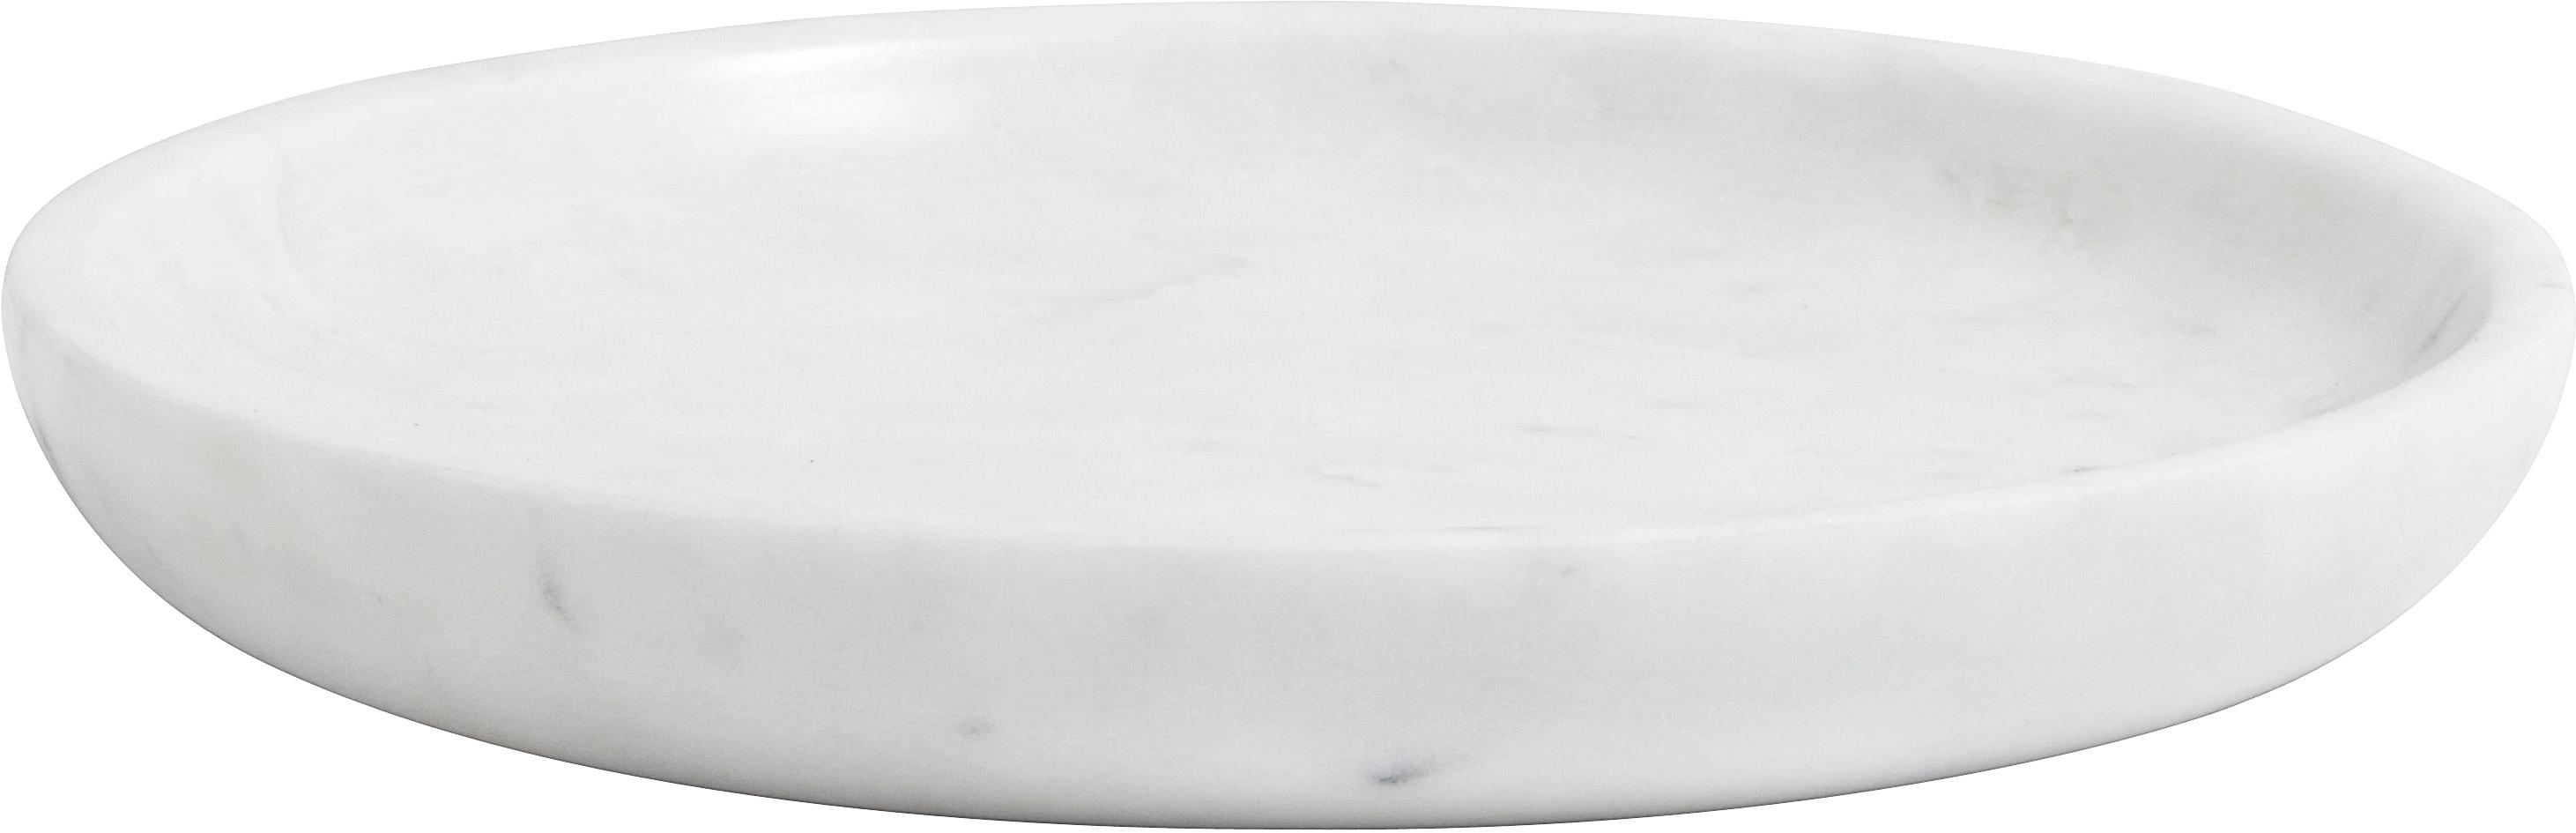 Bandeja decorativa de mármol Lorka, Mármol, Blanco, Ø 17 x Al 2 cm